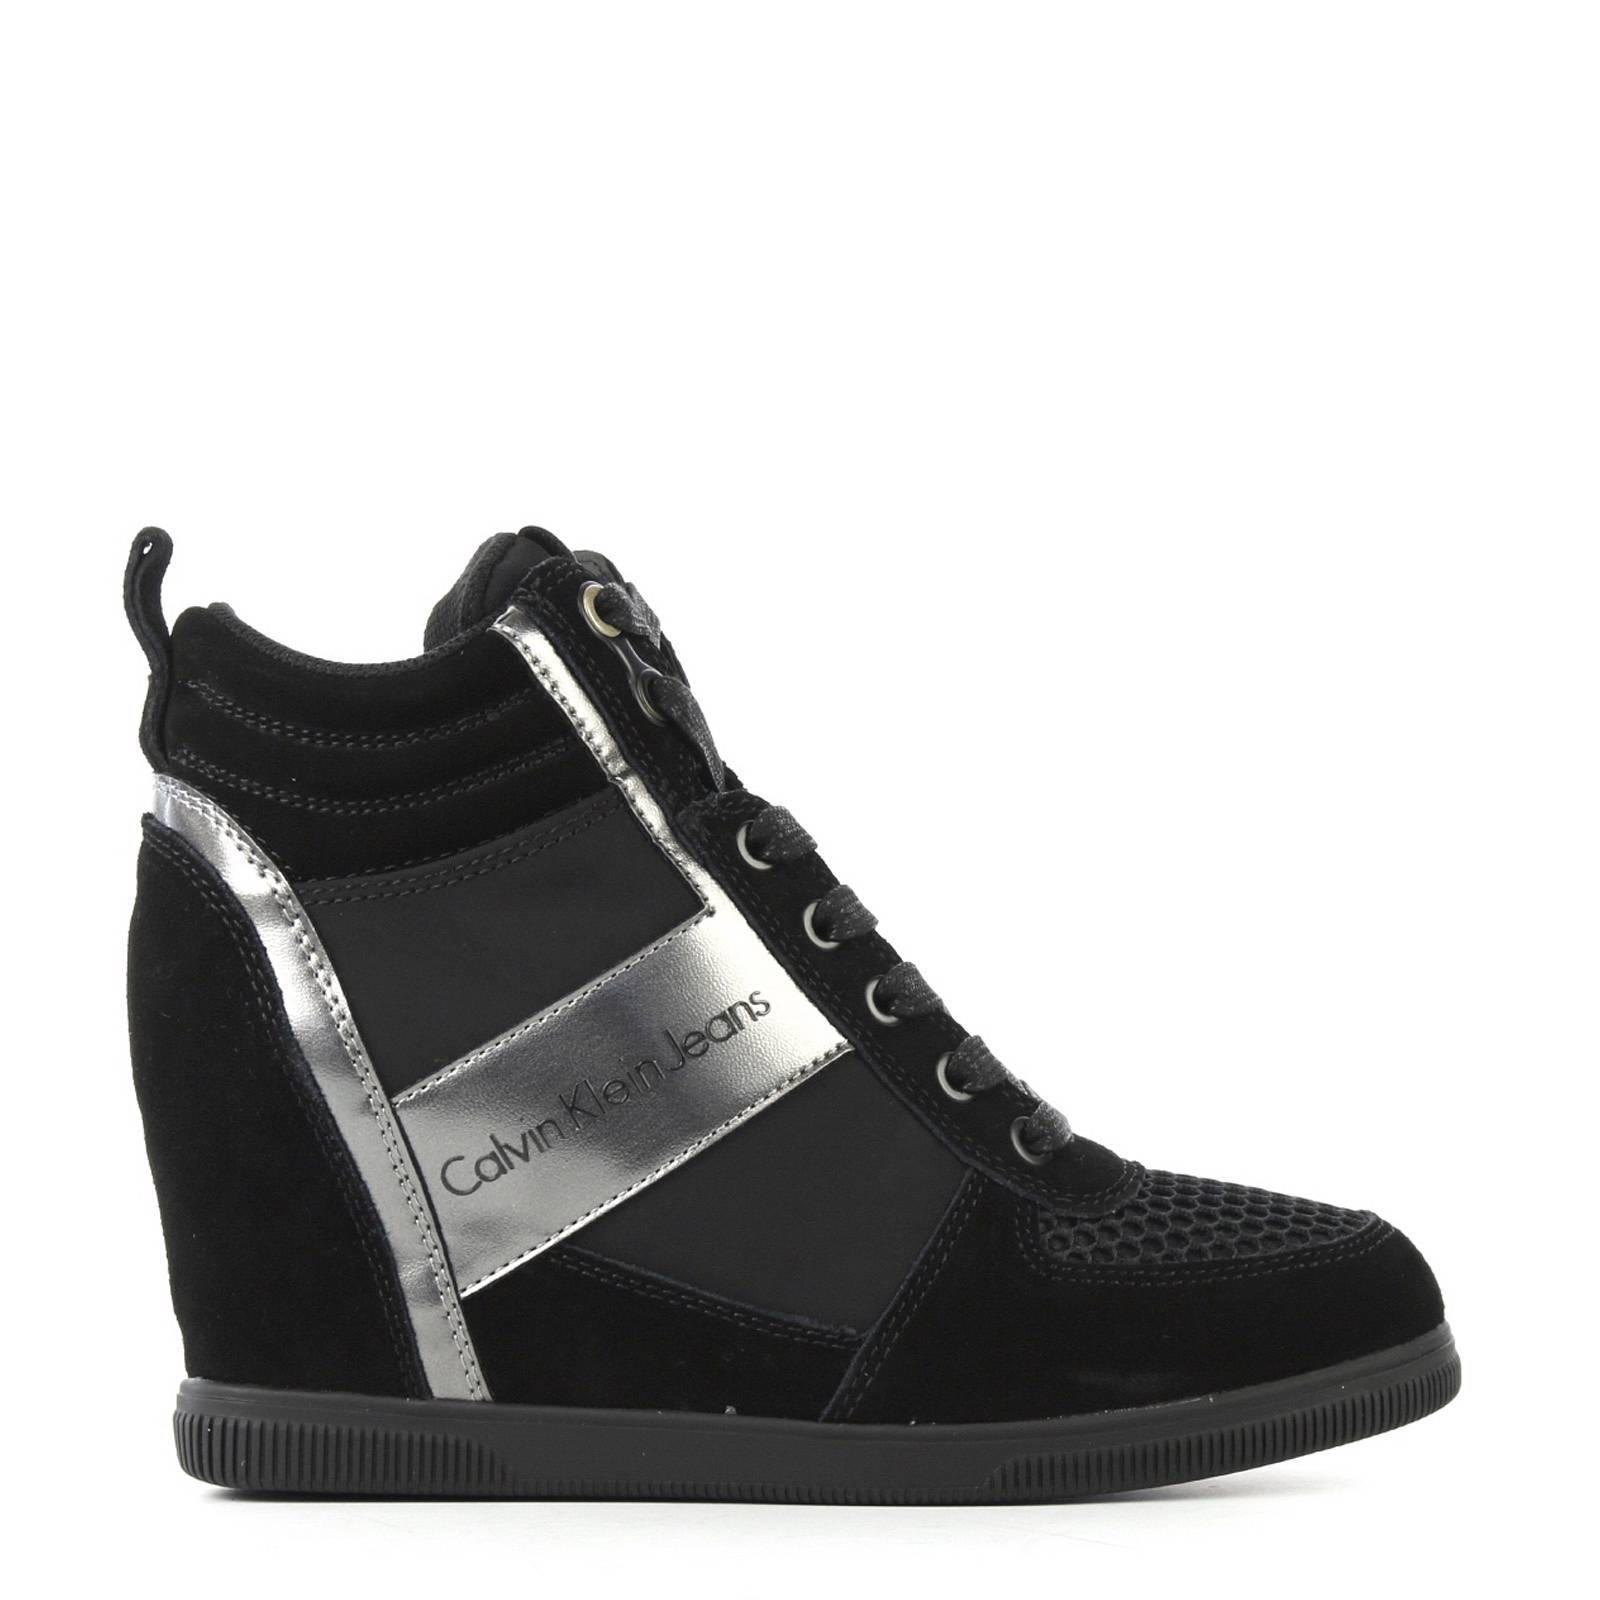 95ddf4589579db Calvin Klein Jeans suède sneakers met sleehak | wehkamp